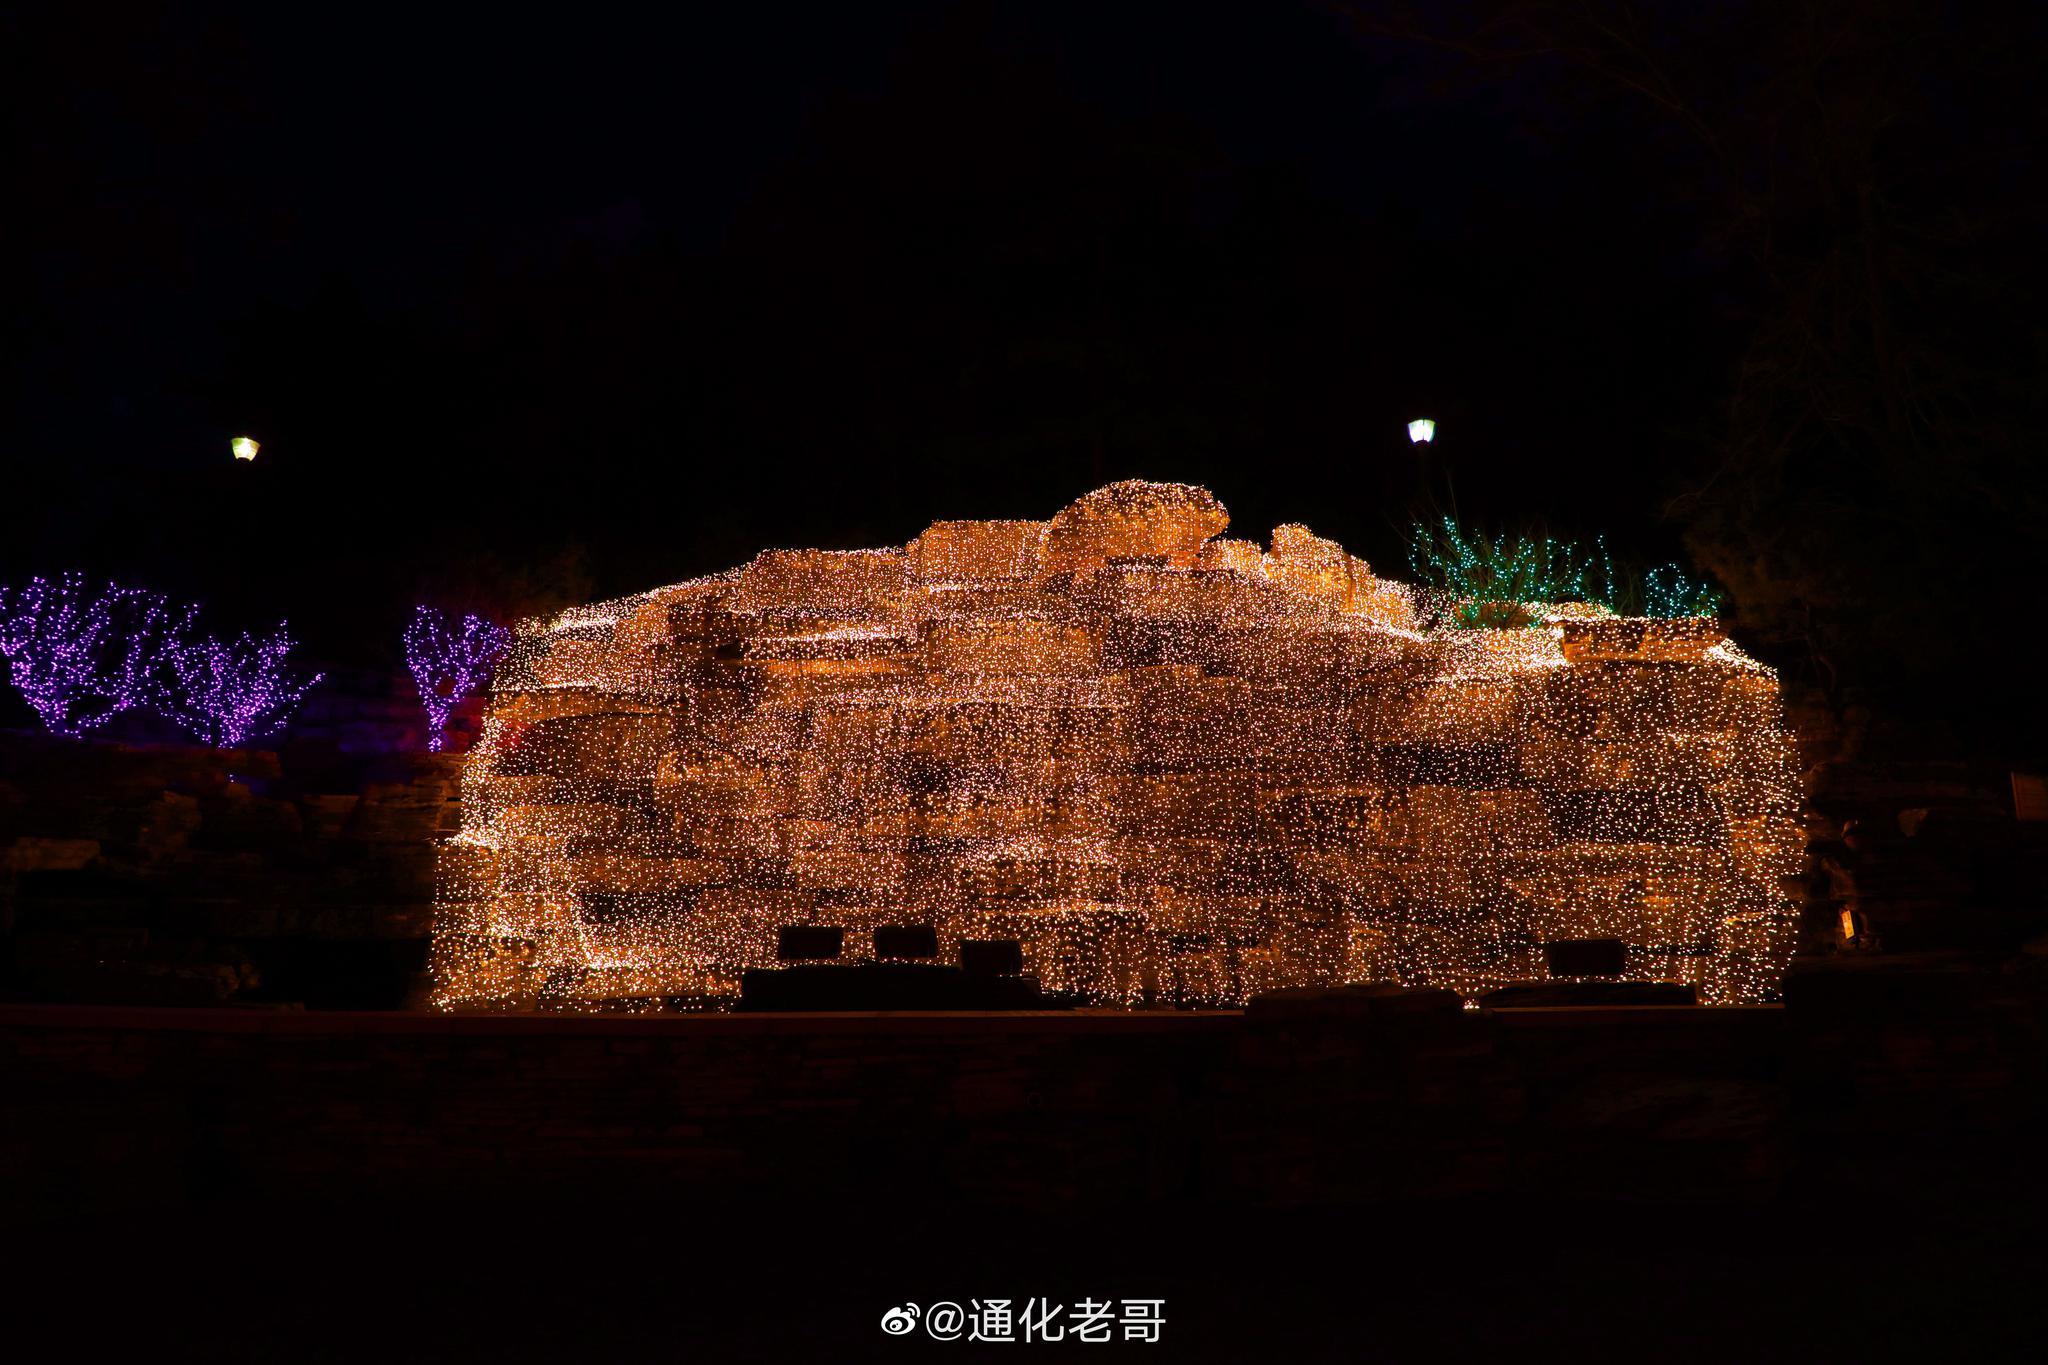 《玉皇山的夜晚》通化市公园管理处供稿